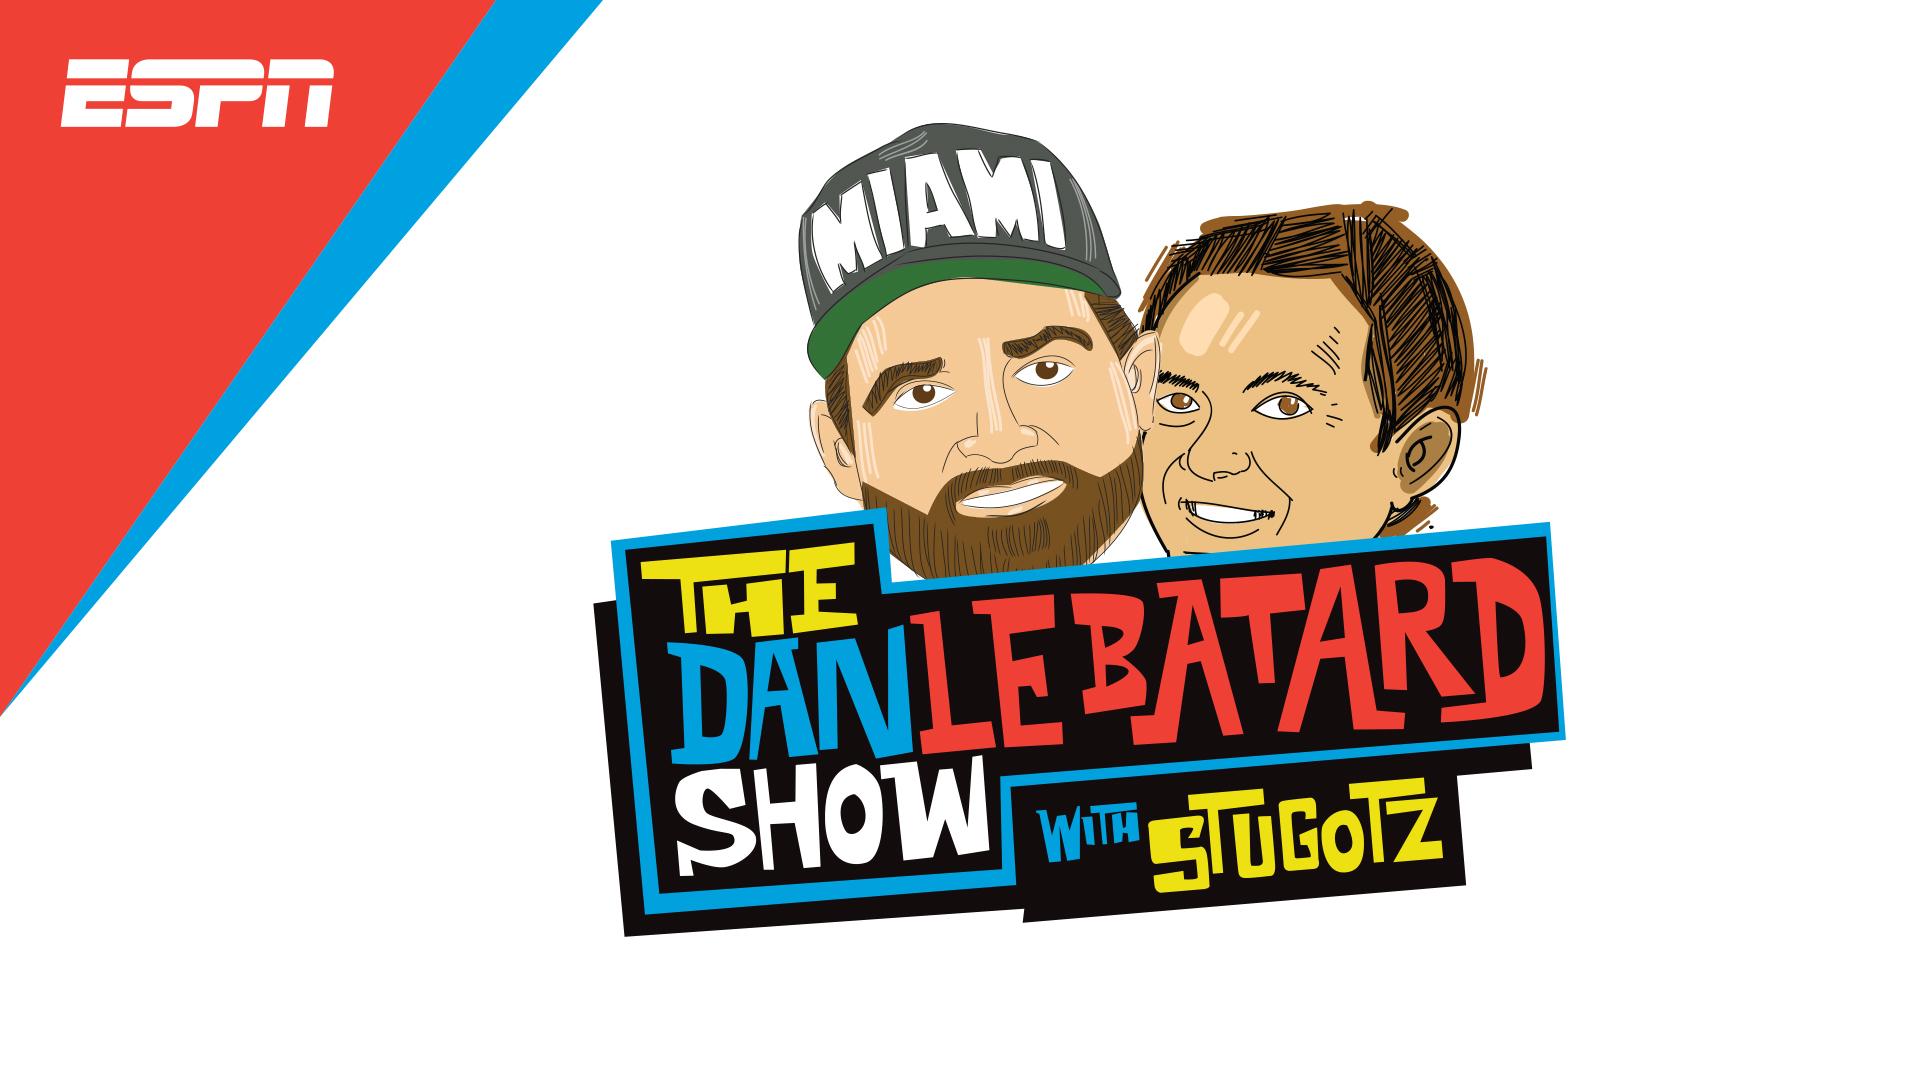 Dan LaBatard Show